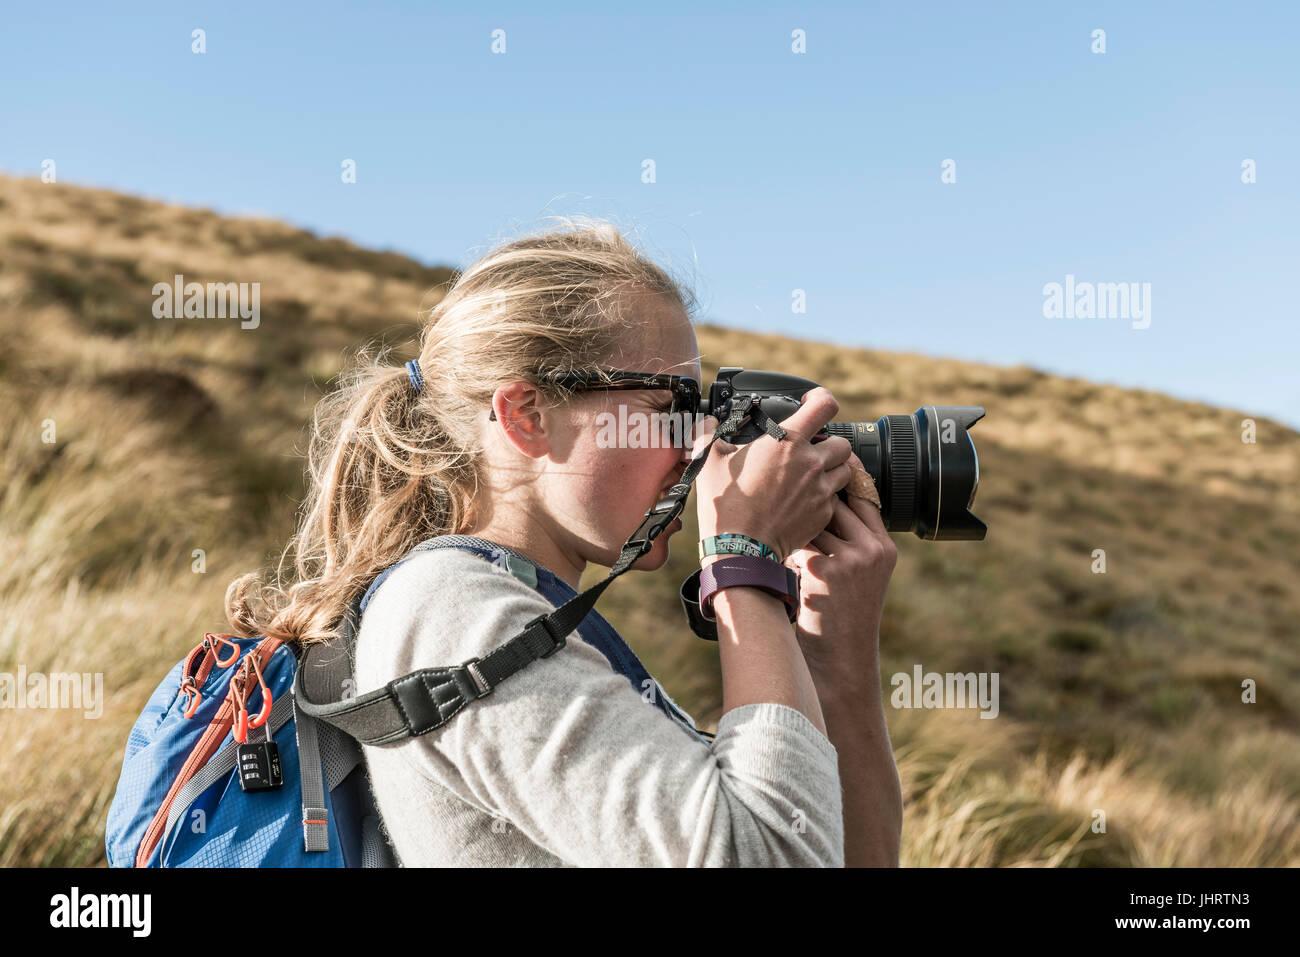 Female hiker prendre photo avec un appareil photo reflex, Otago, île du Sud, Nouvelle-Zélande Photo Stock